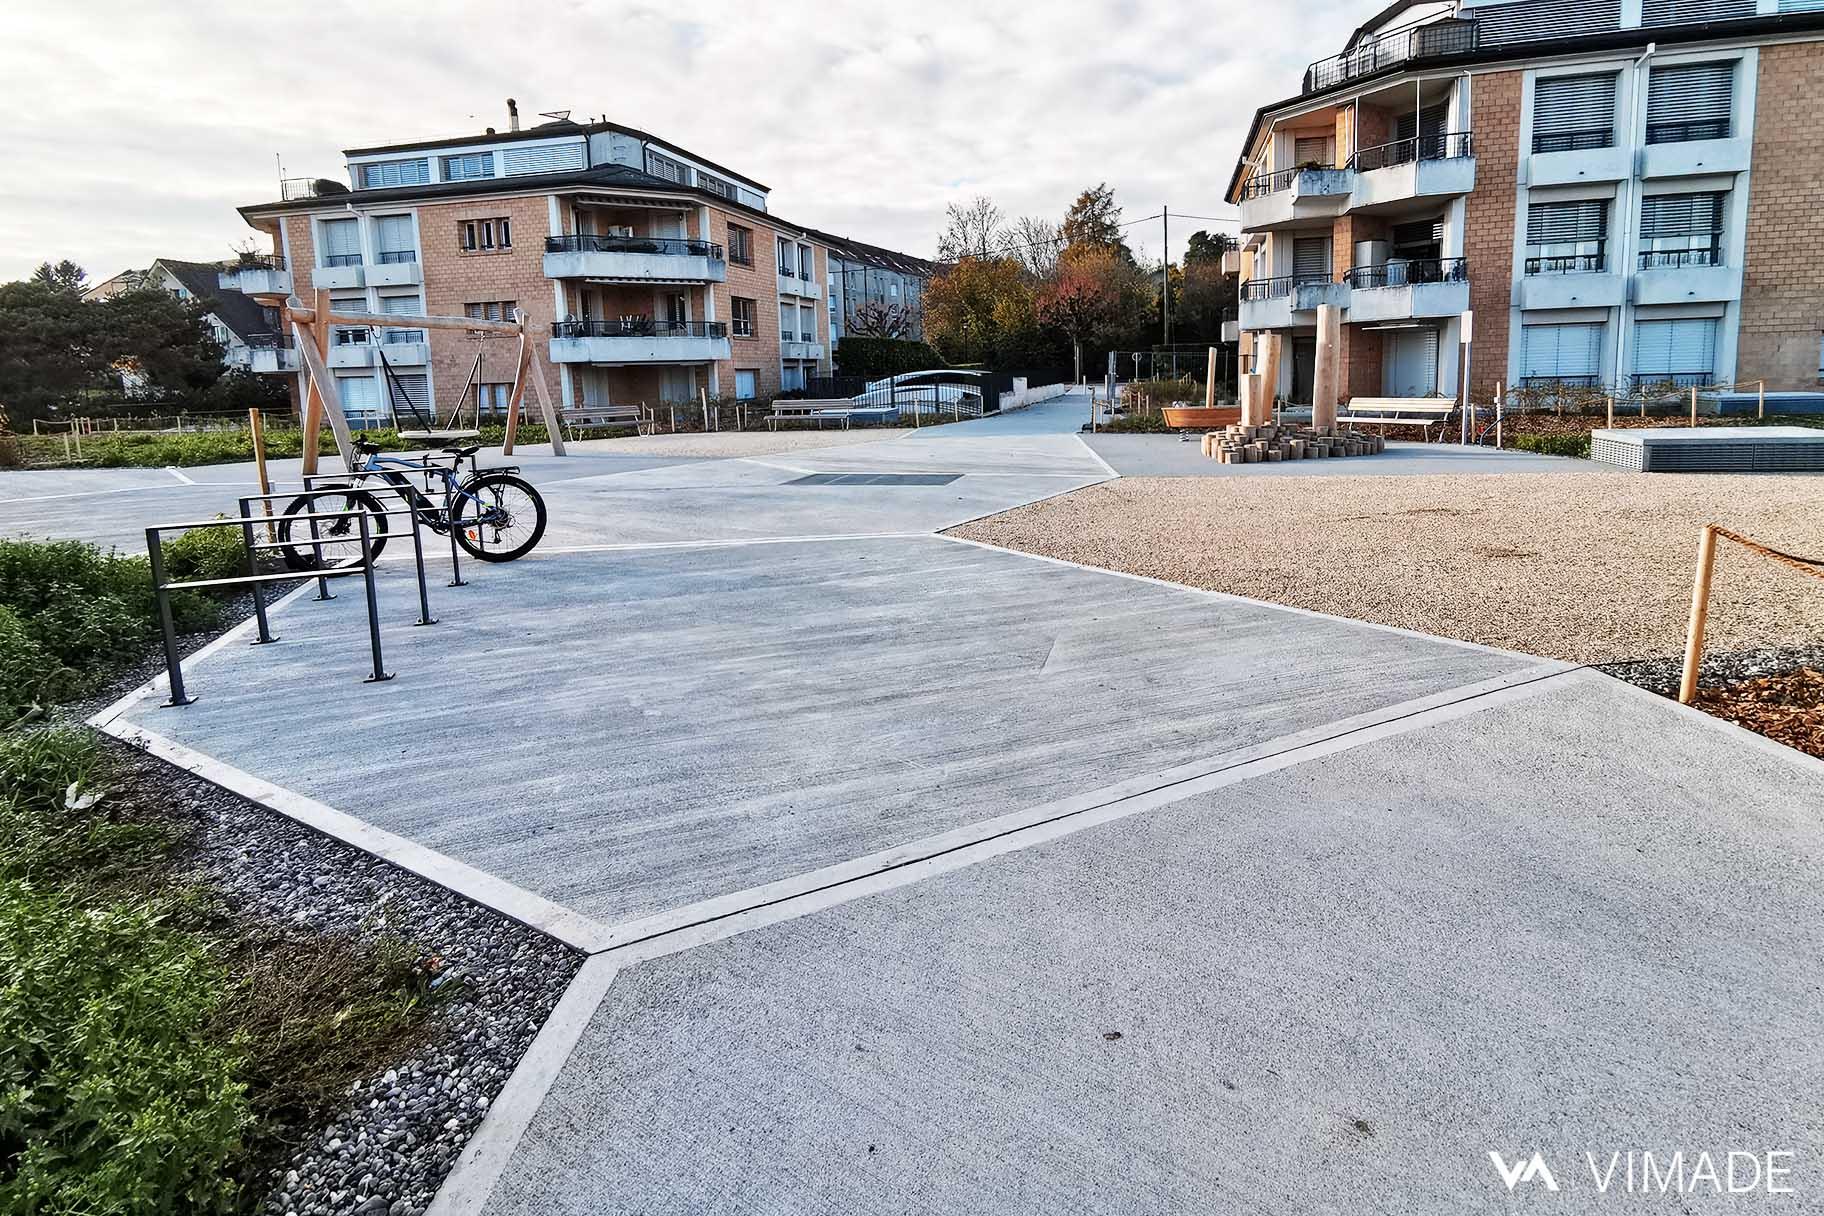 Cheminement béton balayé, ligne brisée avec stationnement vélo et plantation de vivaces, VIMADE Architectes paysagistes